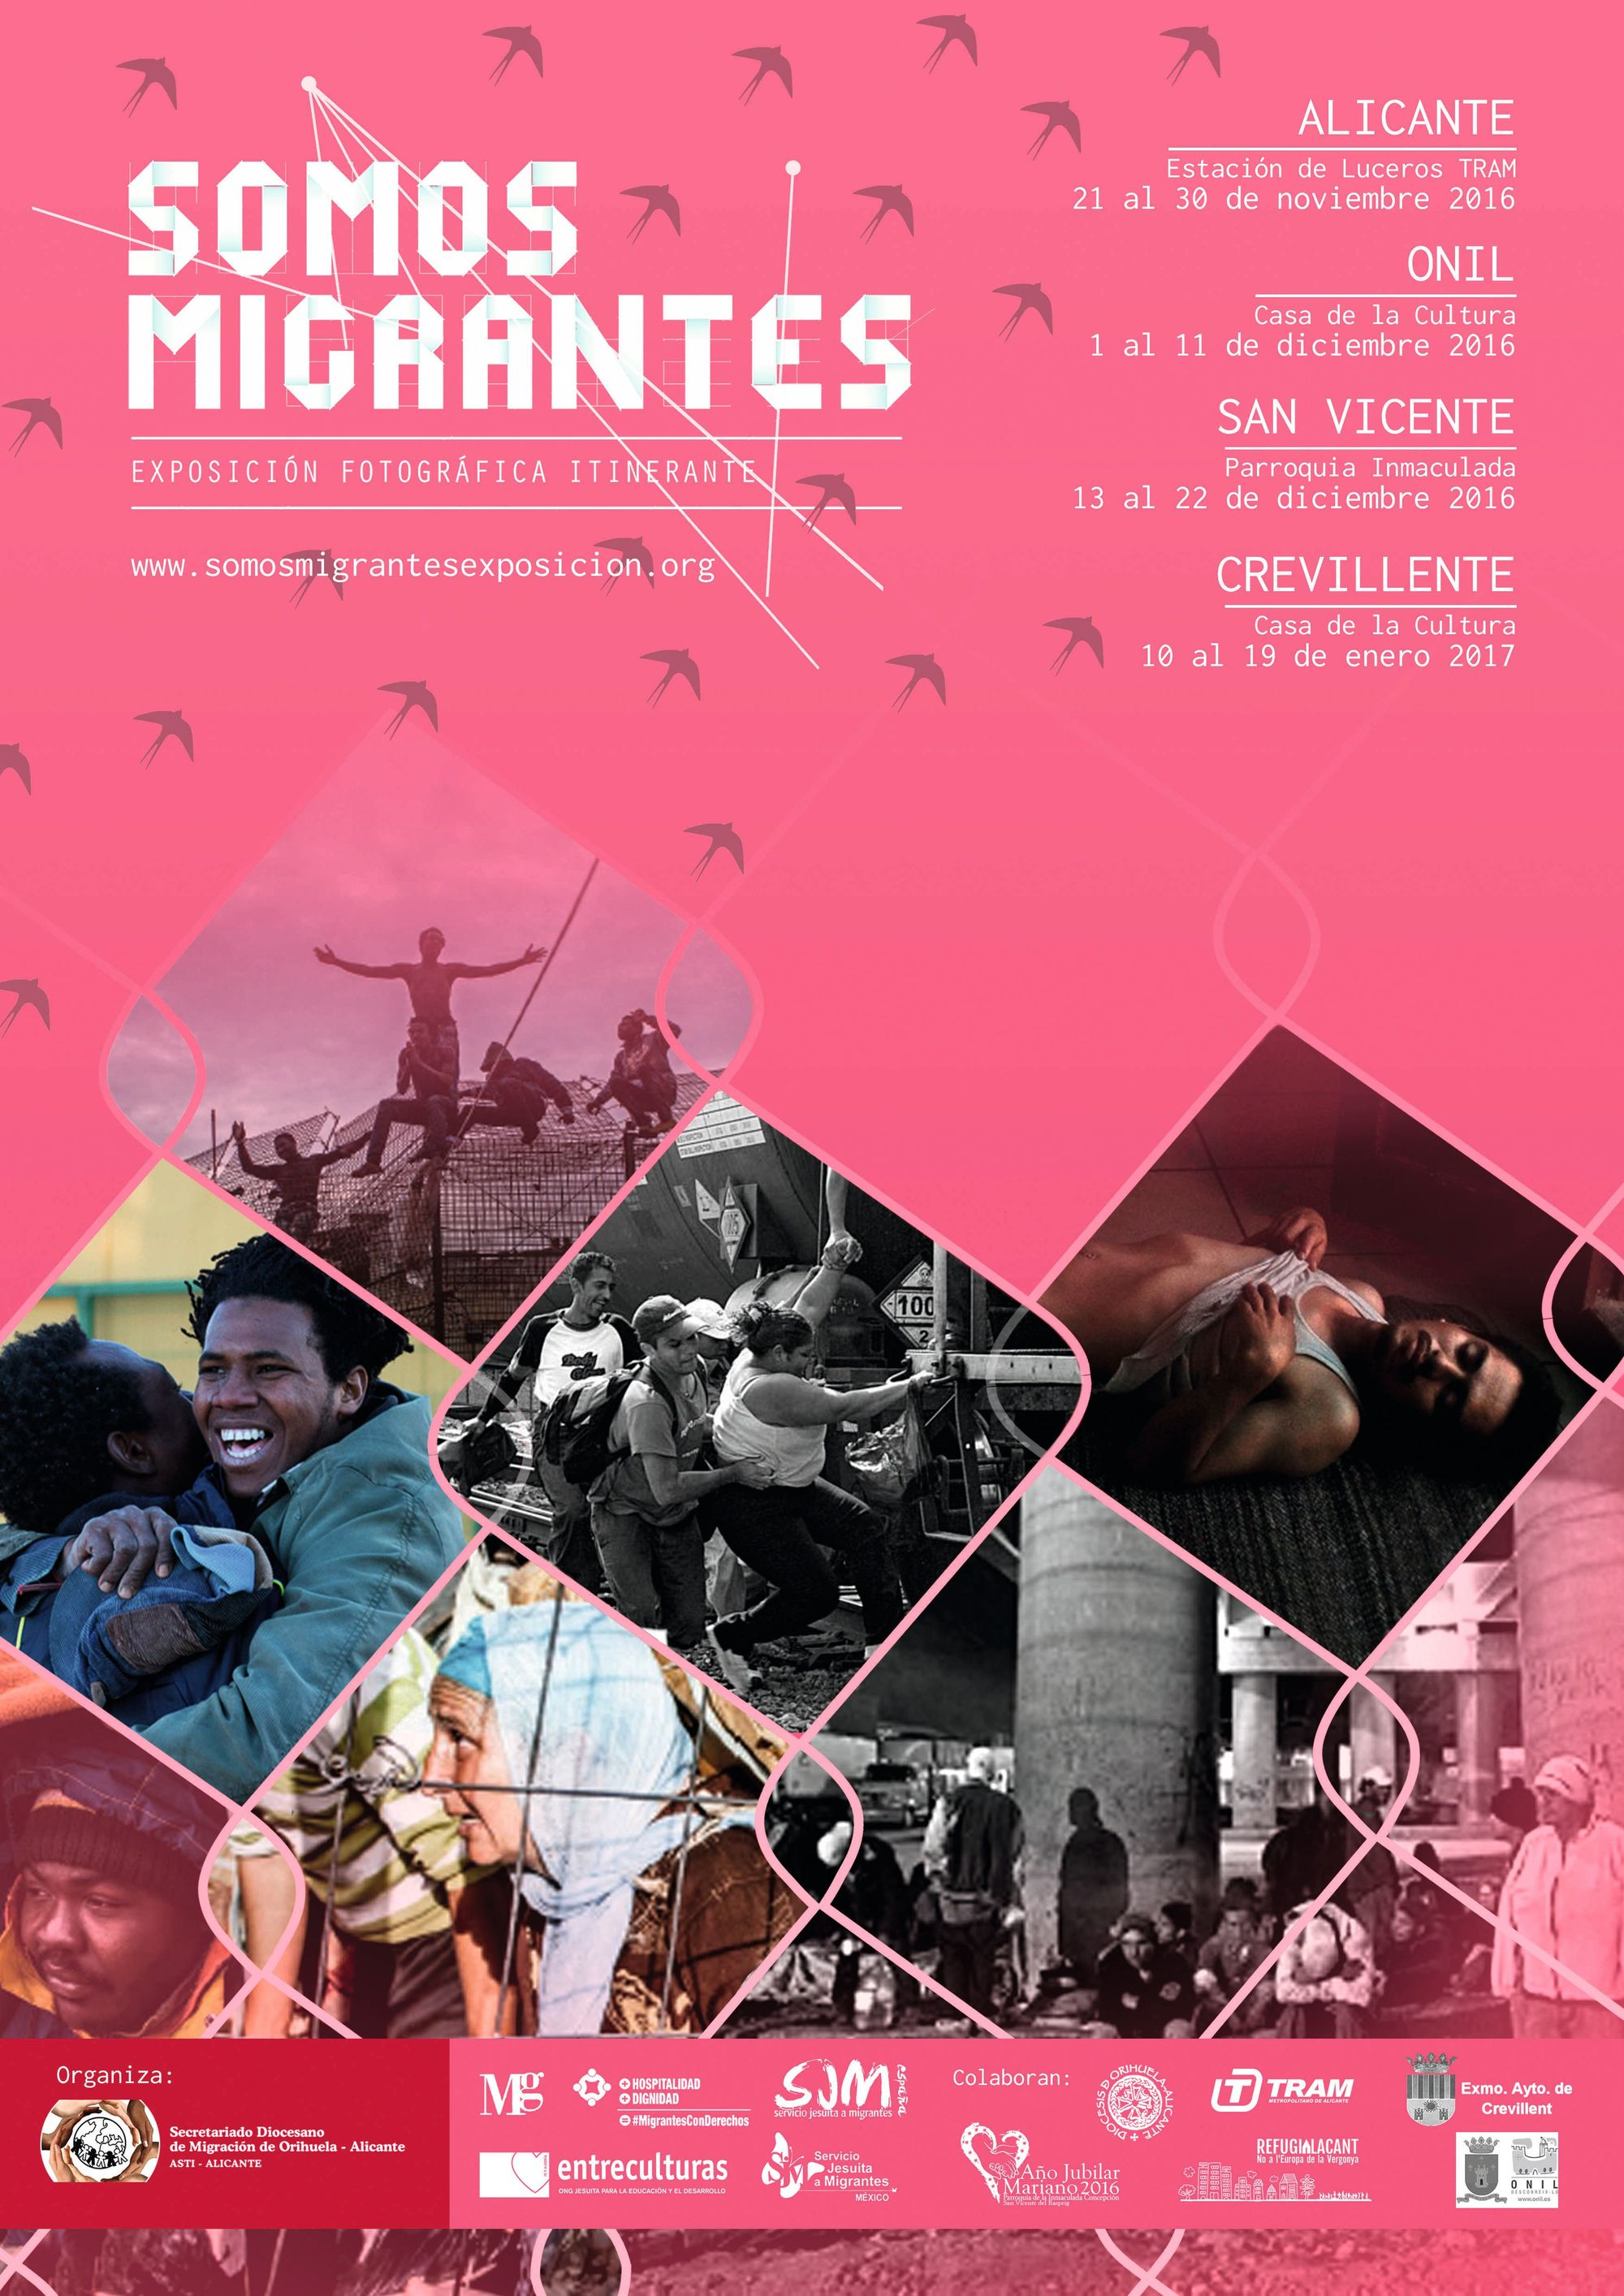 Cartel de la exposición fotográfica itinerante Somos migrantes, 2016.